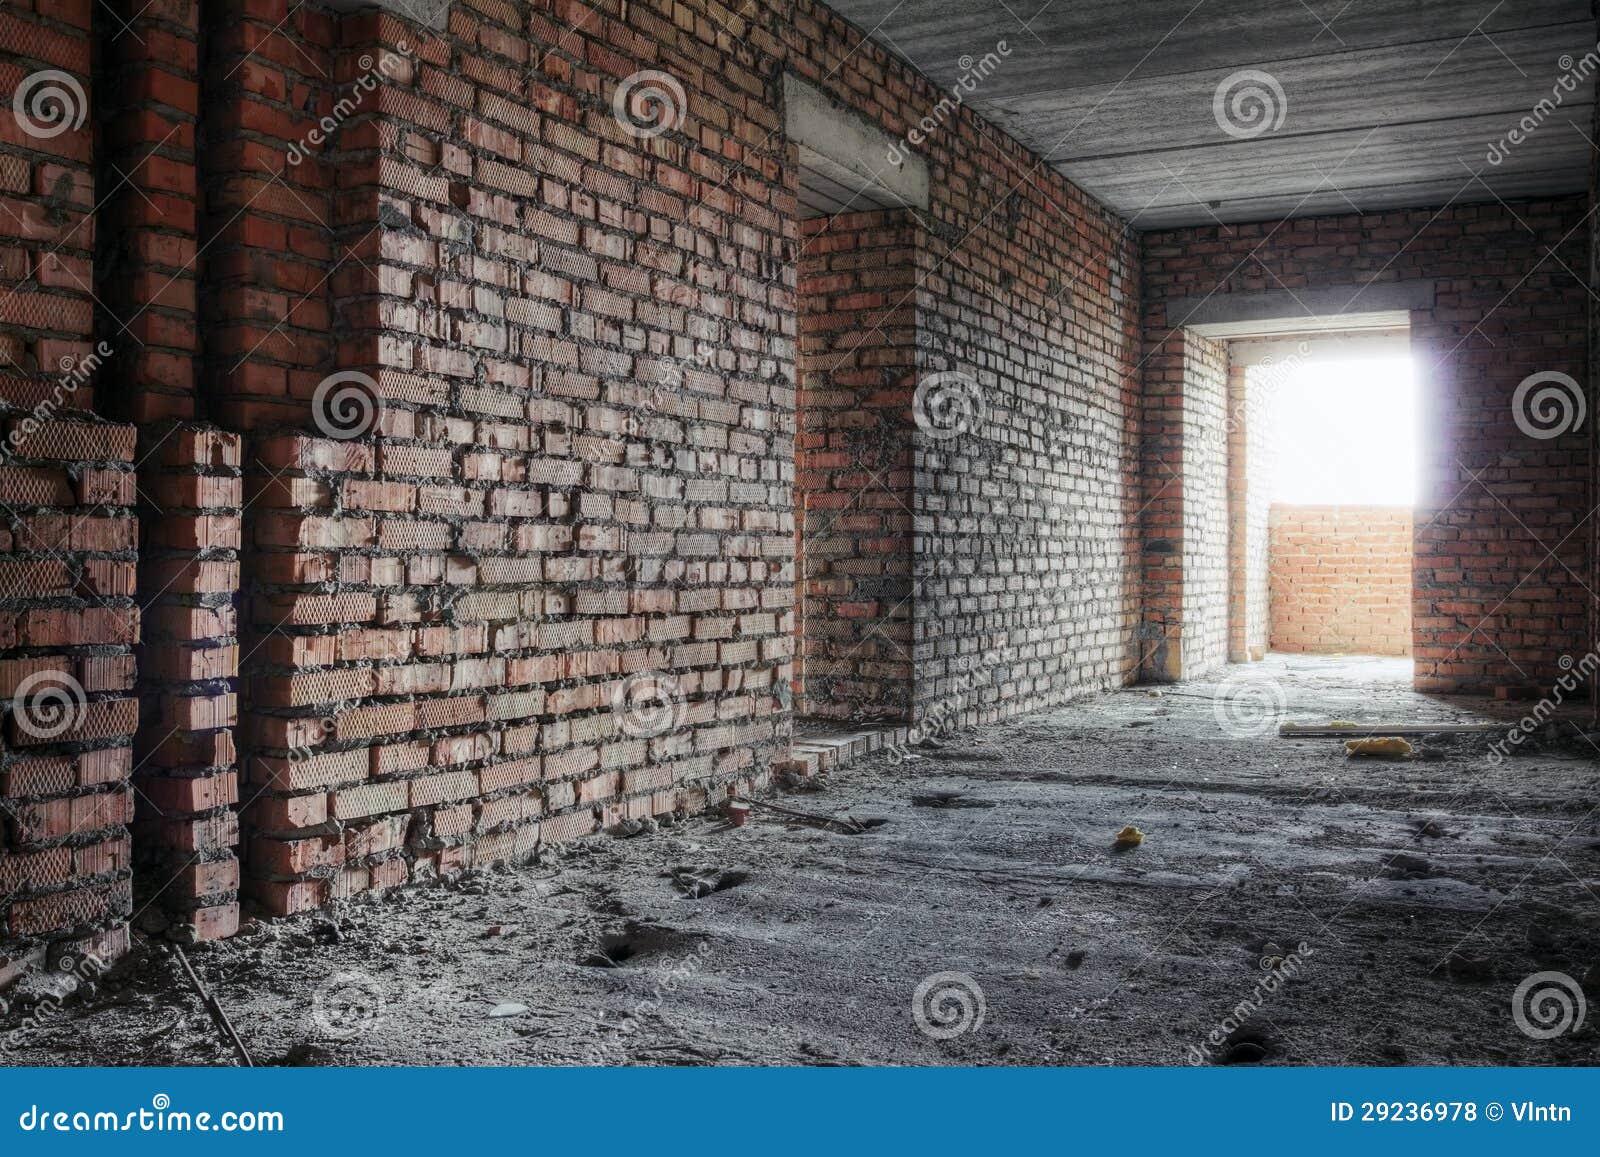 Download Fundo urbano foto de stock. Imagem de salão, construção - 29236978